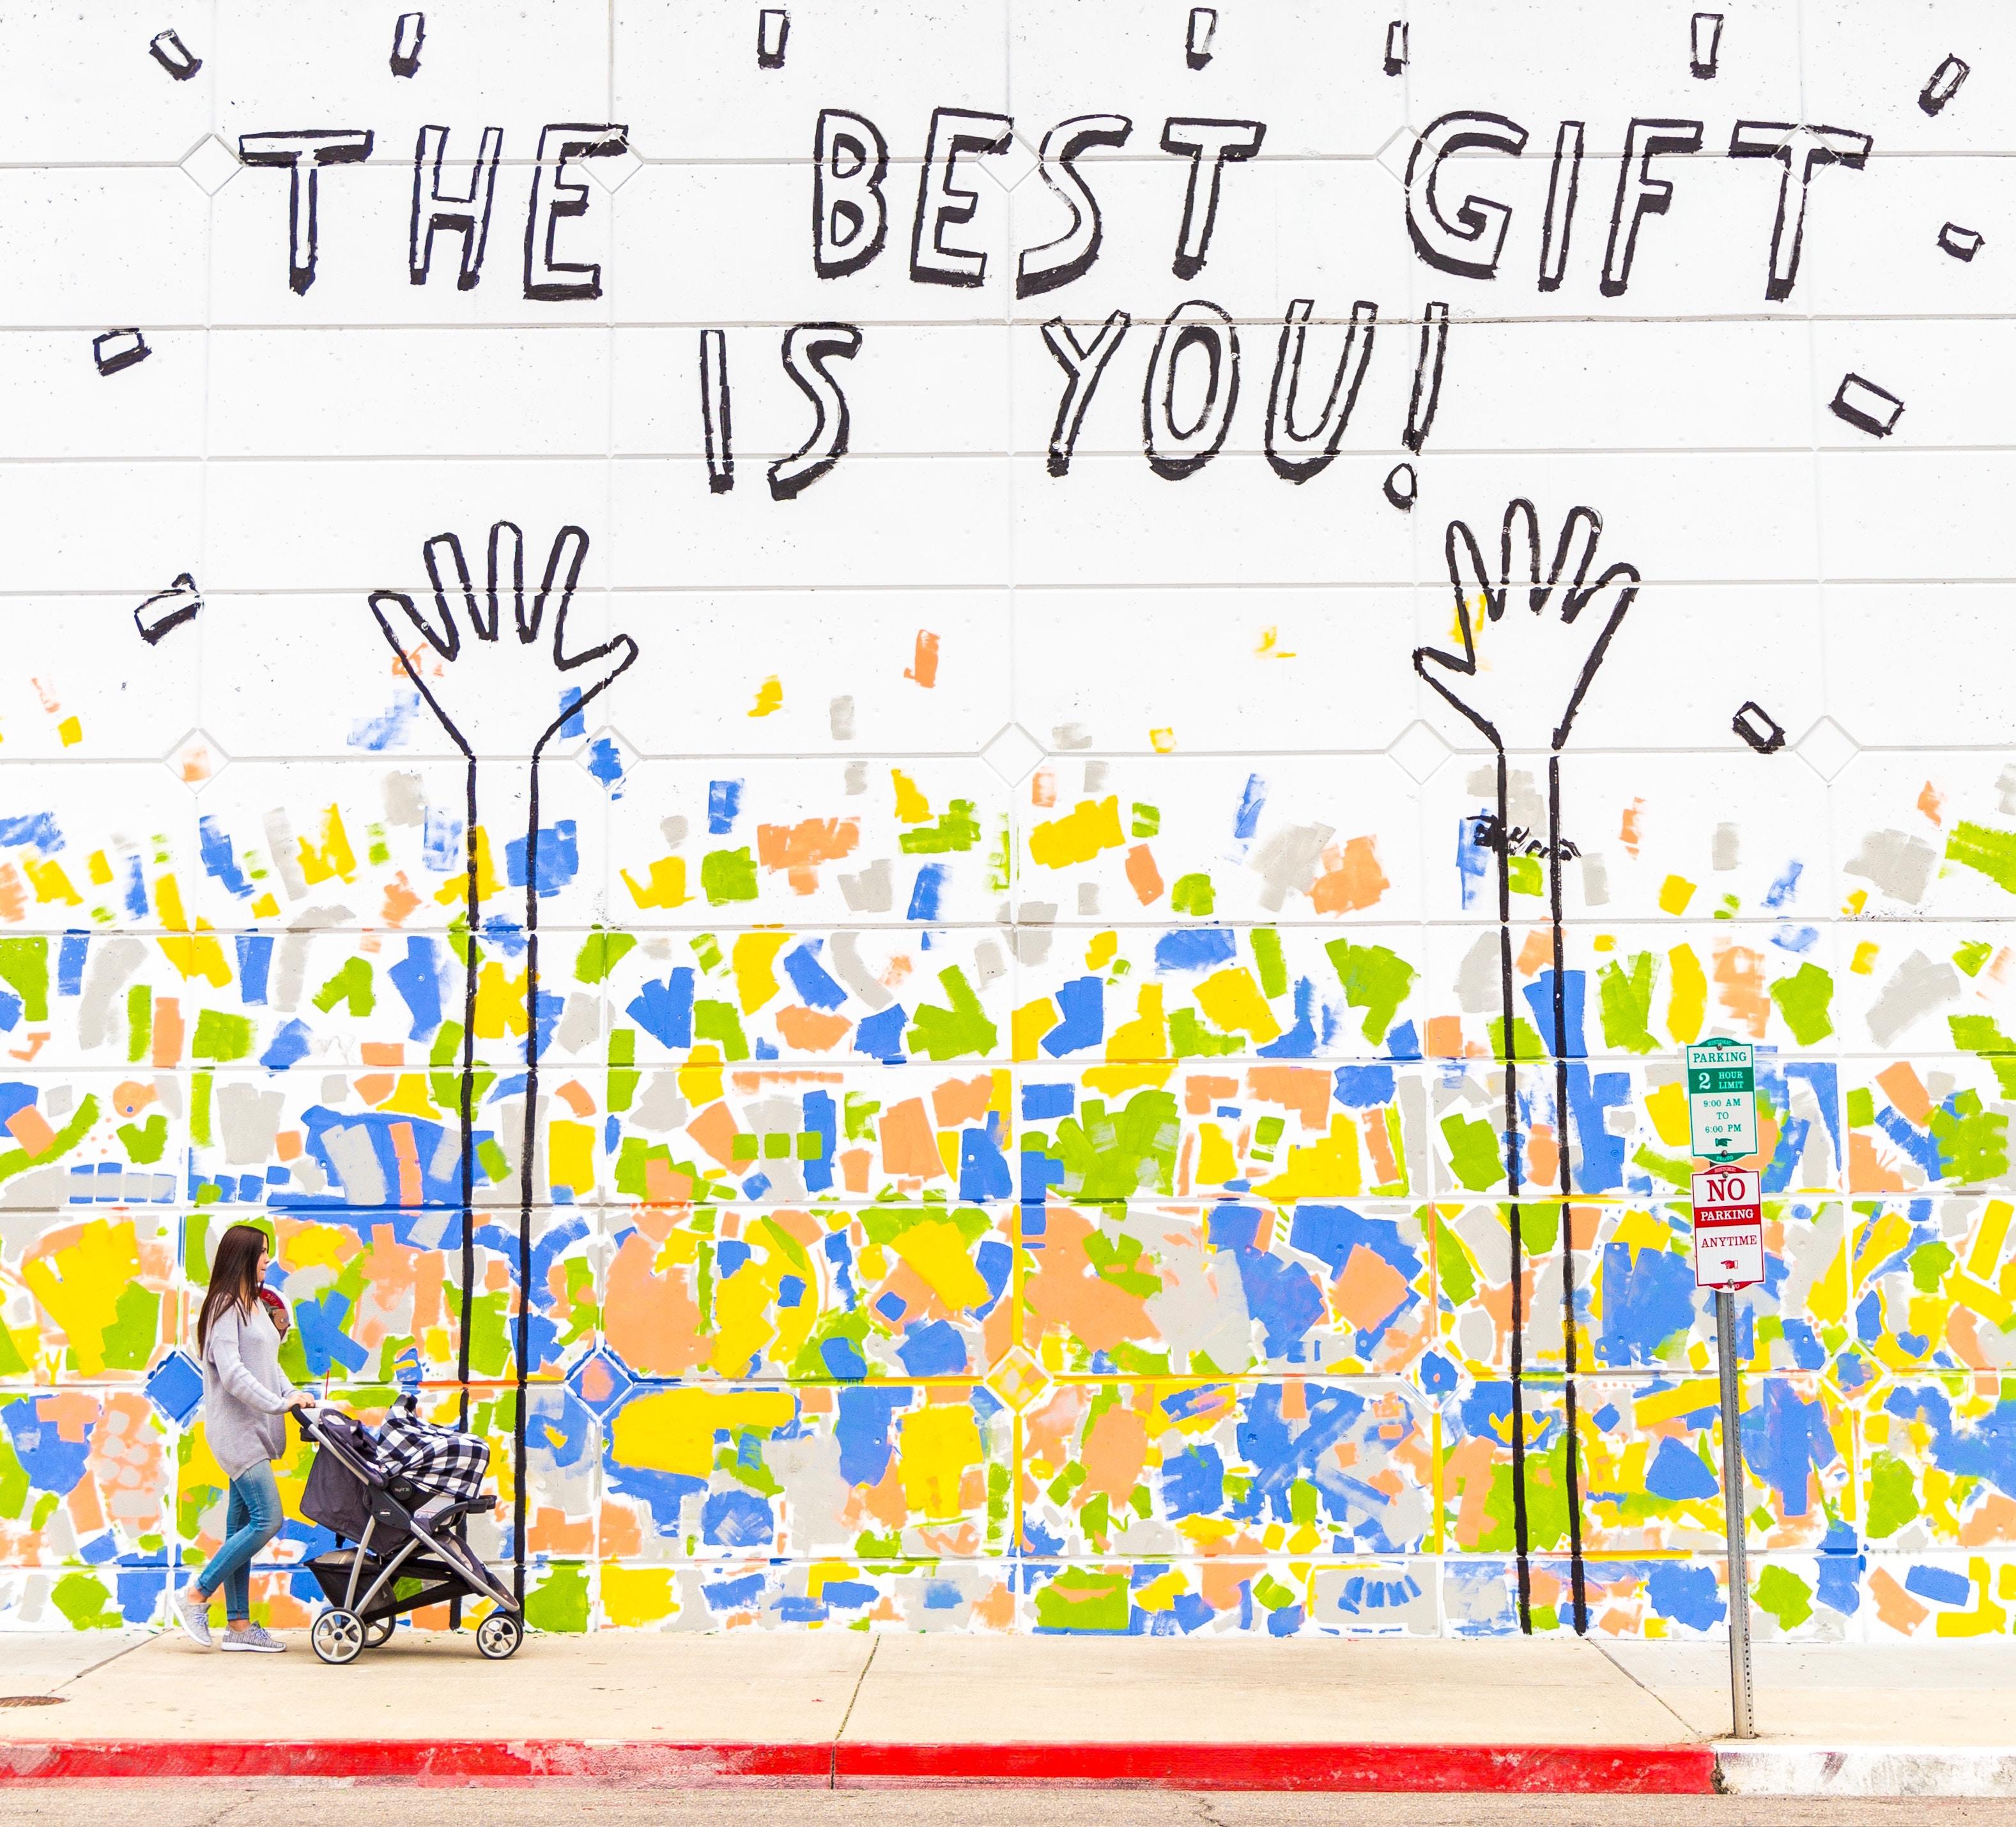 Il miglior regalo sei tu